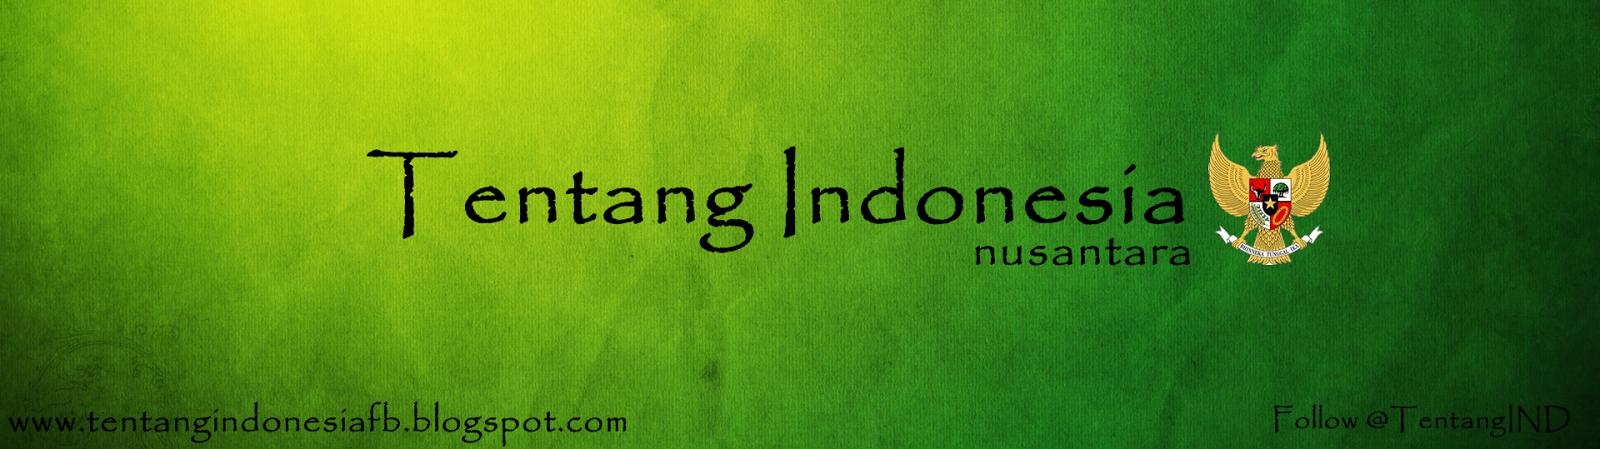 Tentang Indonesia